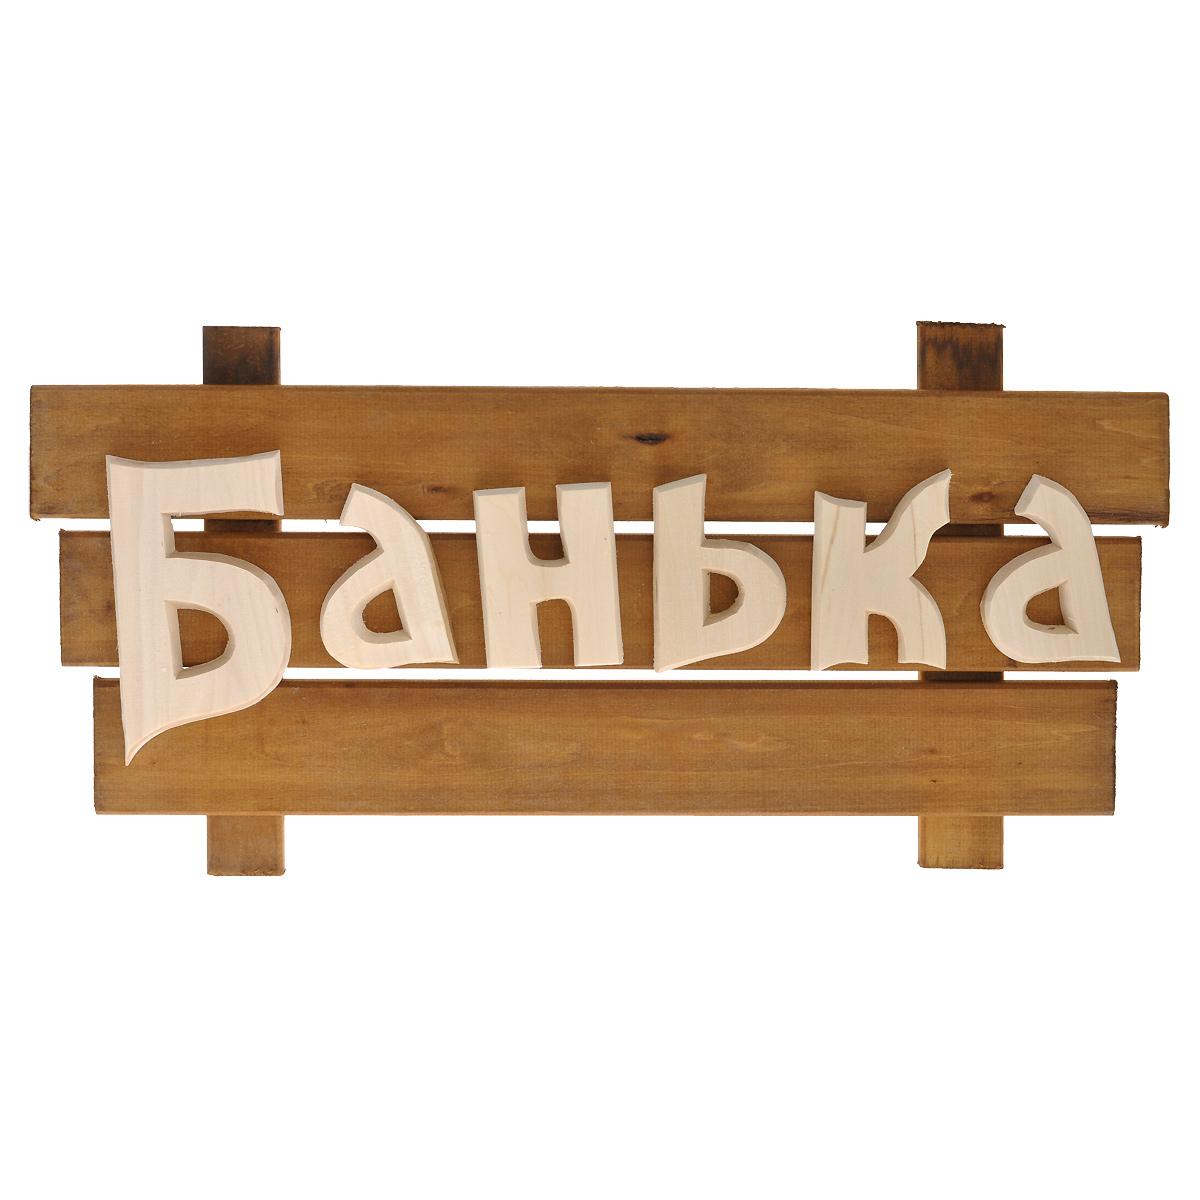 Табличка для бани и сауны Банные штучки Банька. 3227232272Оригинальная табличка Банные штучки Банька выполнена из древесины липы. Табличка может крепиться к двери или к стене с помощью шурупов (в комплект не входят, отверстия не просверлены) или клея. Табличка придаст определенный стиль вашей бане, а также просто украсит ее.